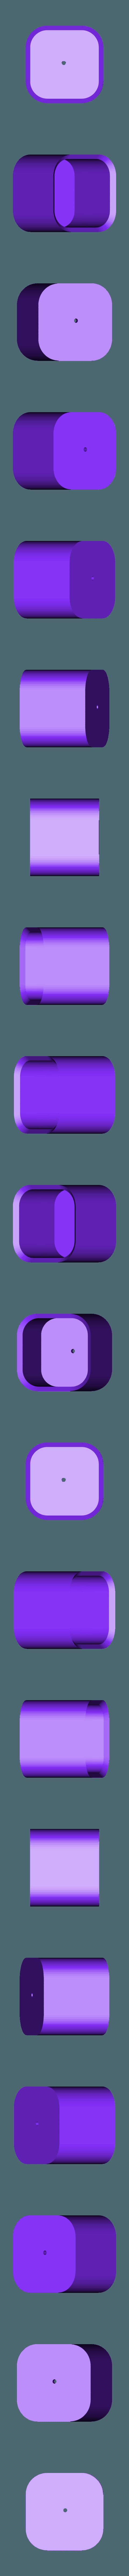 Simple_and_Tall.stl Télécharger fichier STL gratuit Simple et grand • Objet à imprimer en 3D, Isi8Bit